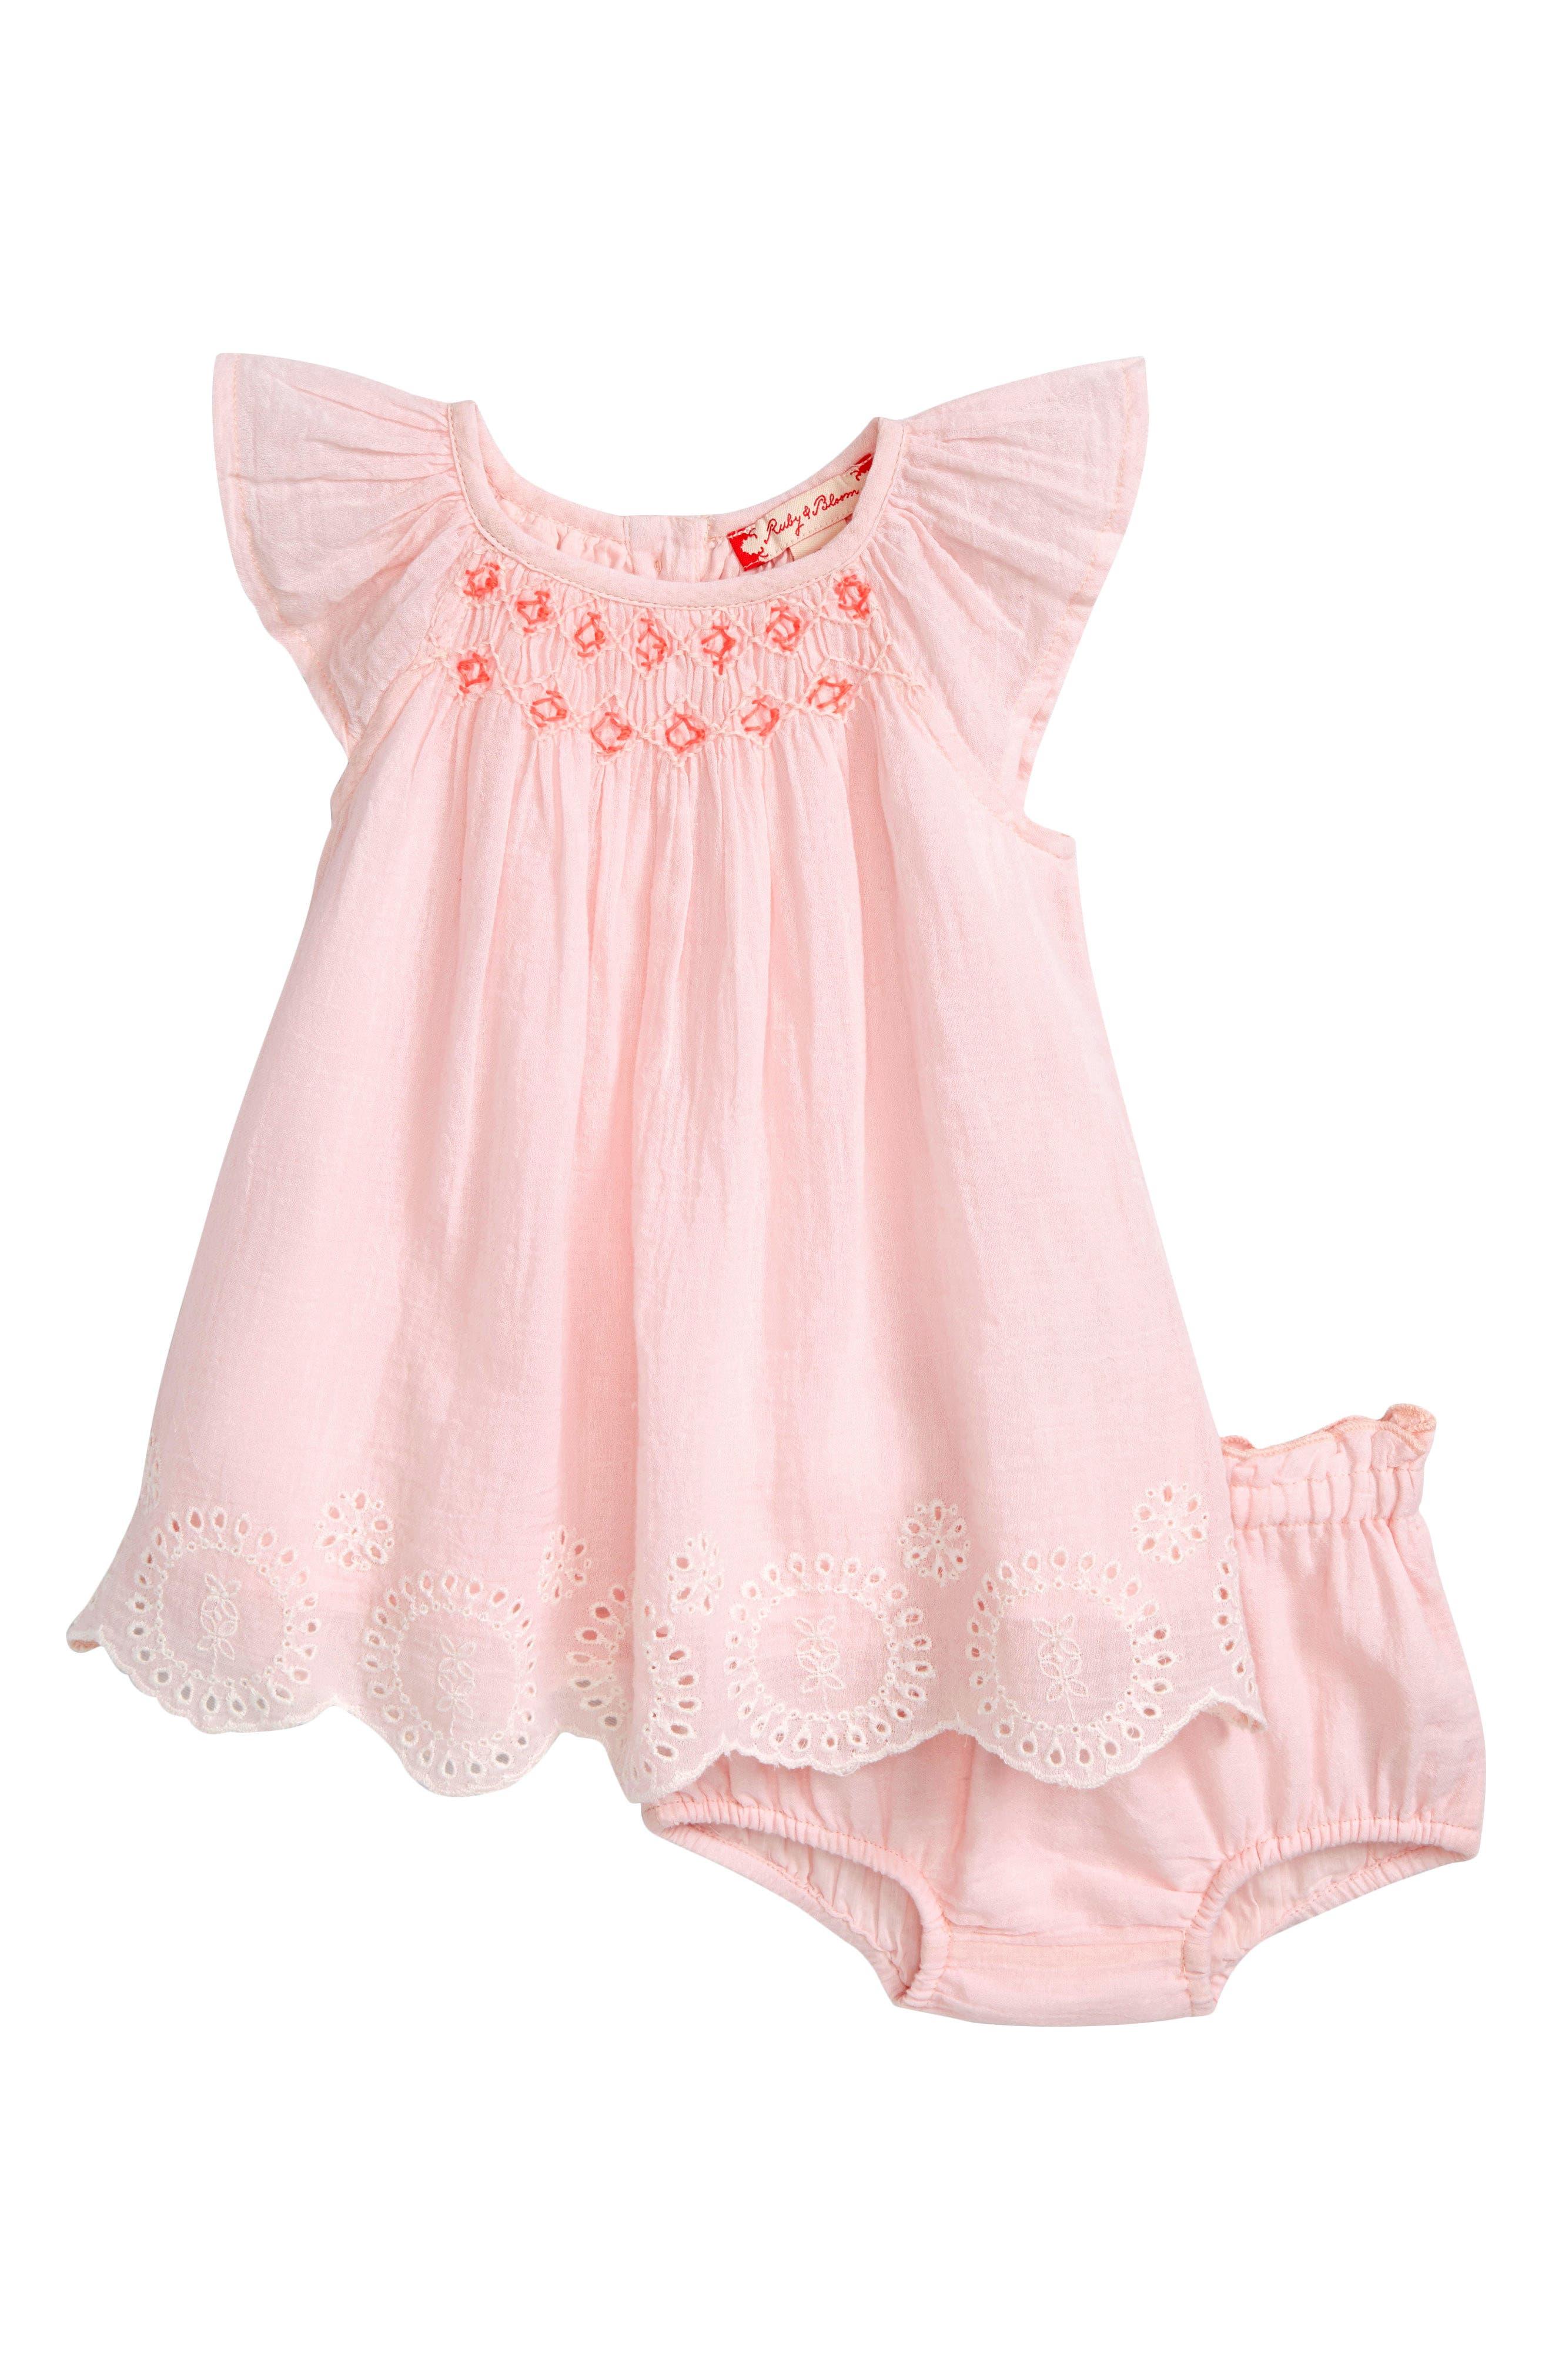 Neon Smocked Dress,                             Main thumbnail 1, color,                             680